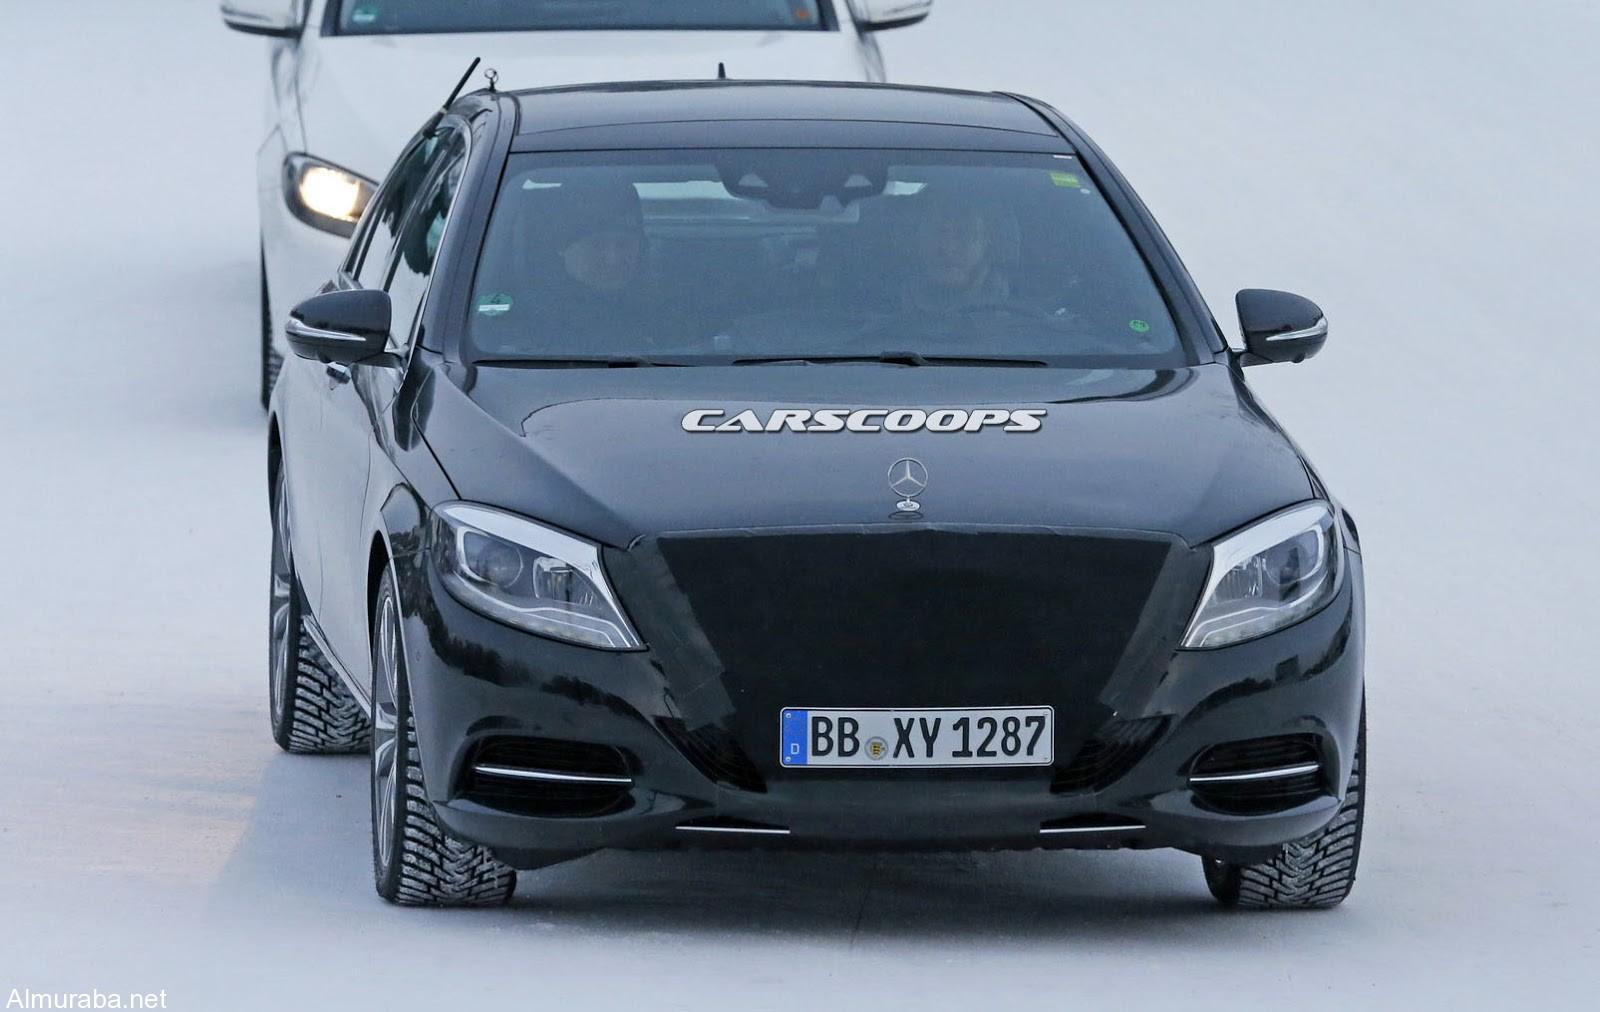 """""""بالصور"""" مرسيدس اس كلاس 2017 بالتحديثات والتقنيات الجديدة تظهر خلال اختبارها من جديد Mercedes S-Class - المربع نت"""